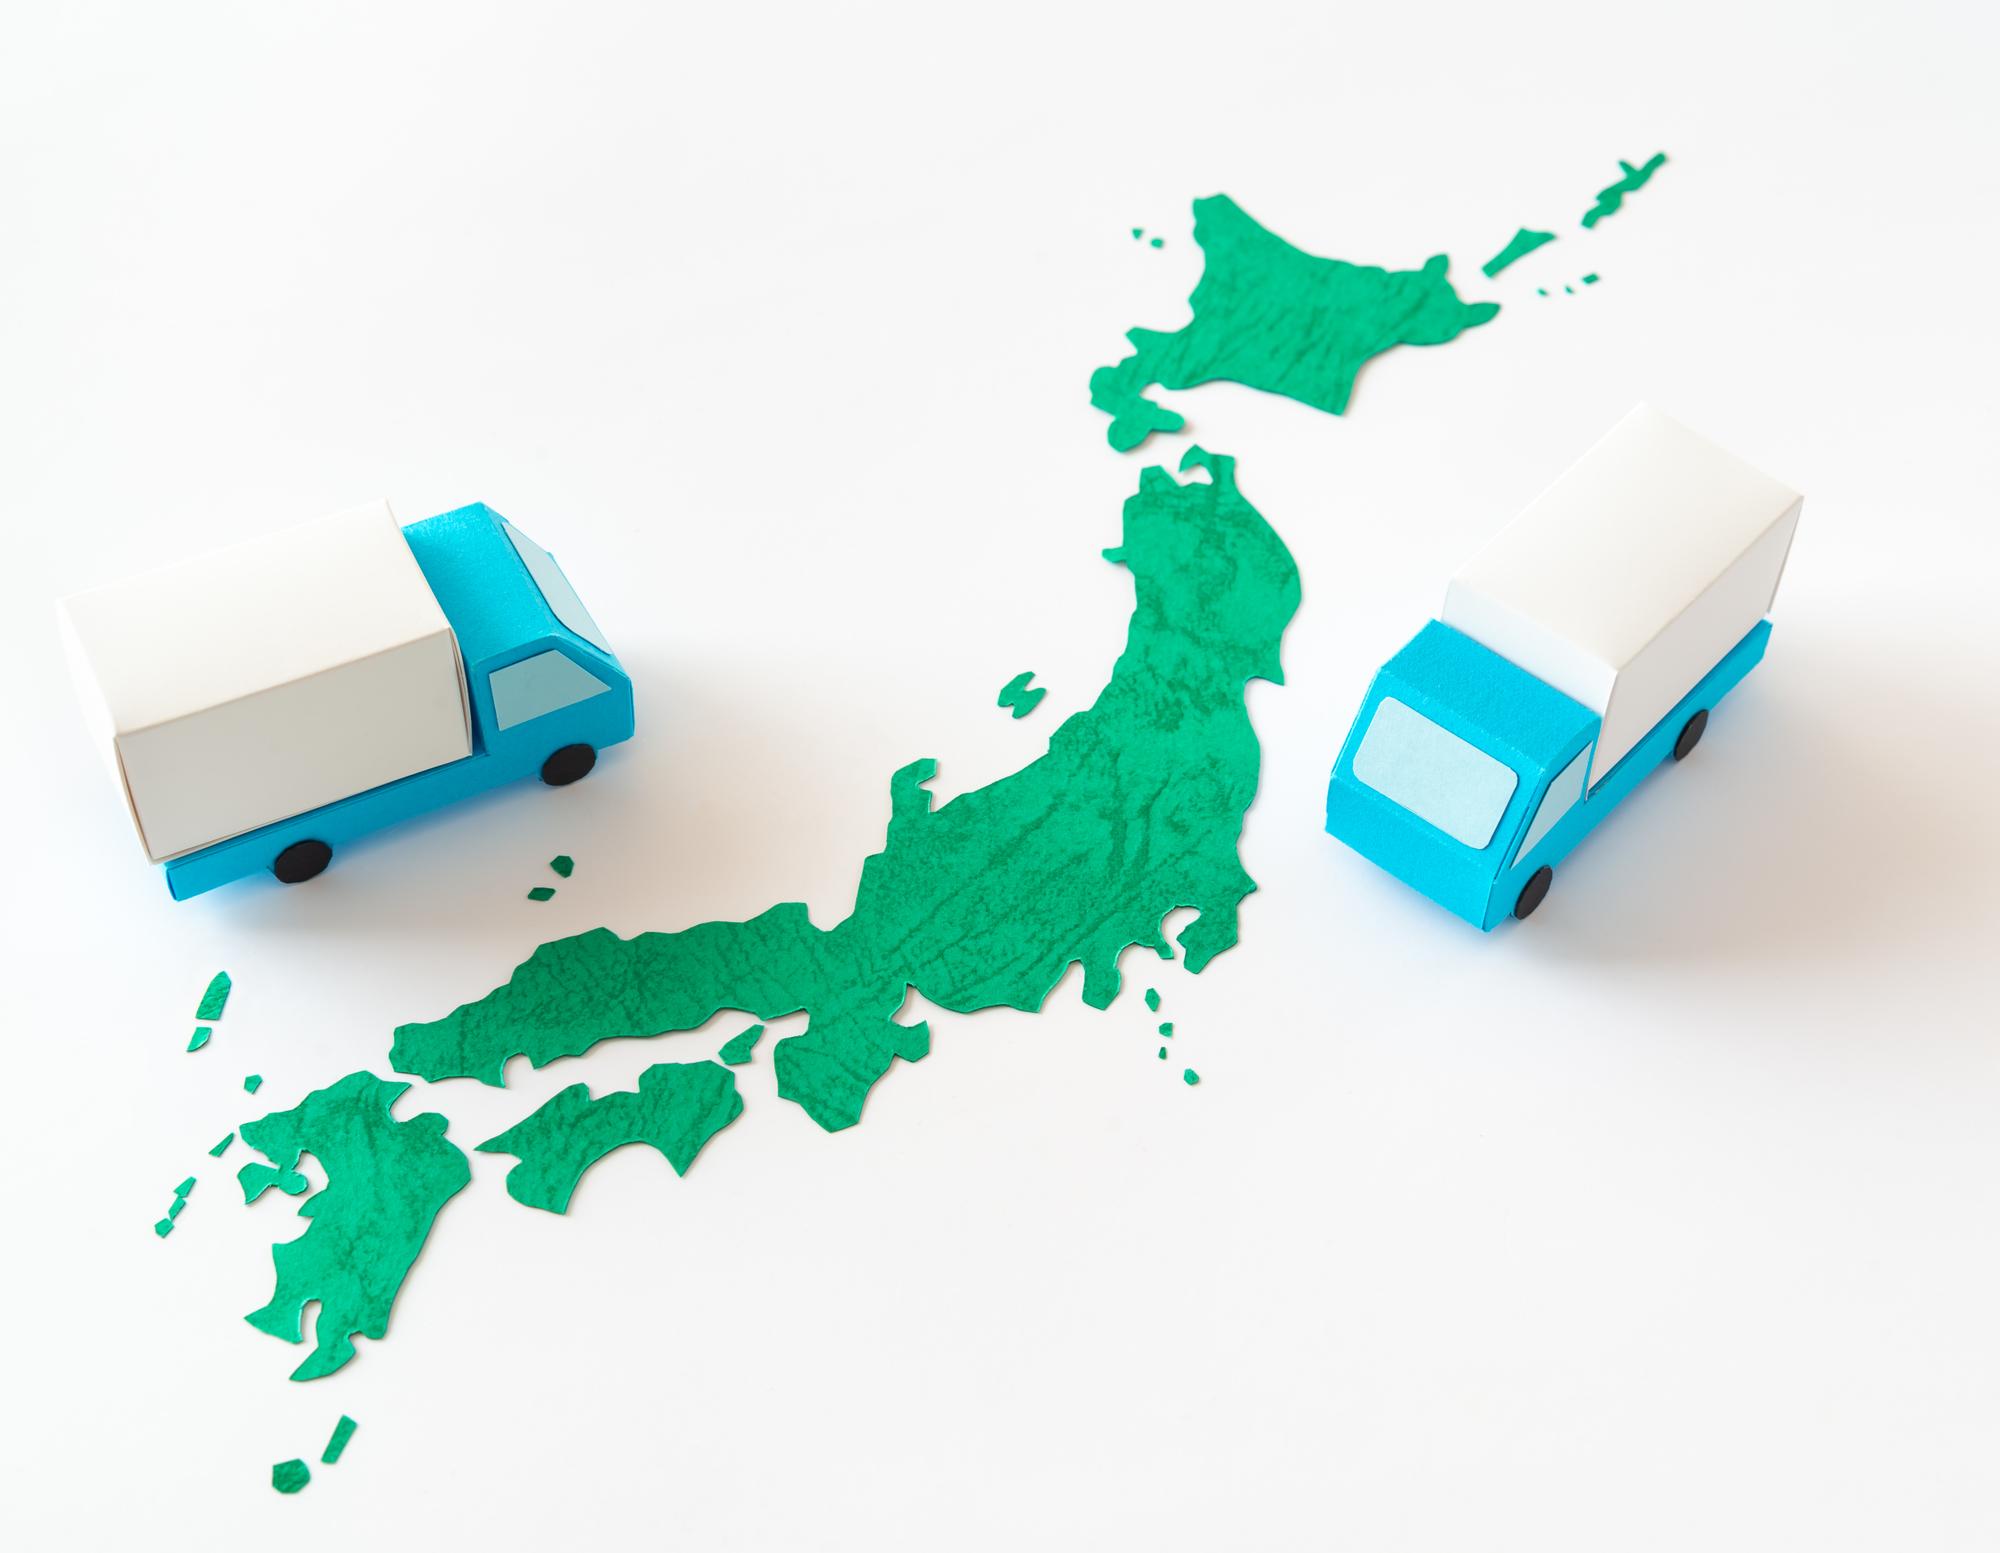 日本地図とトラックのイメージ